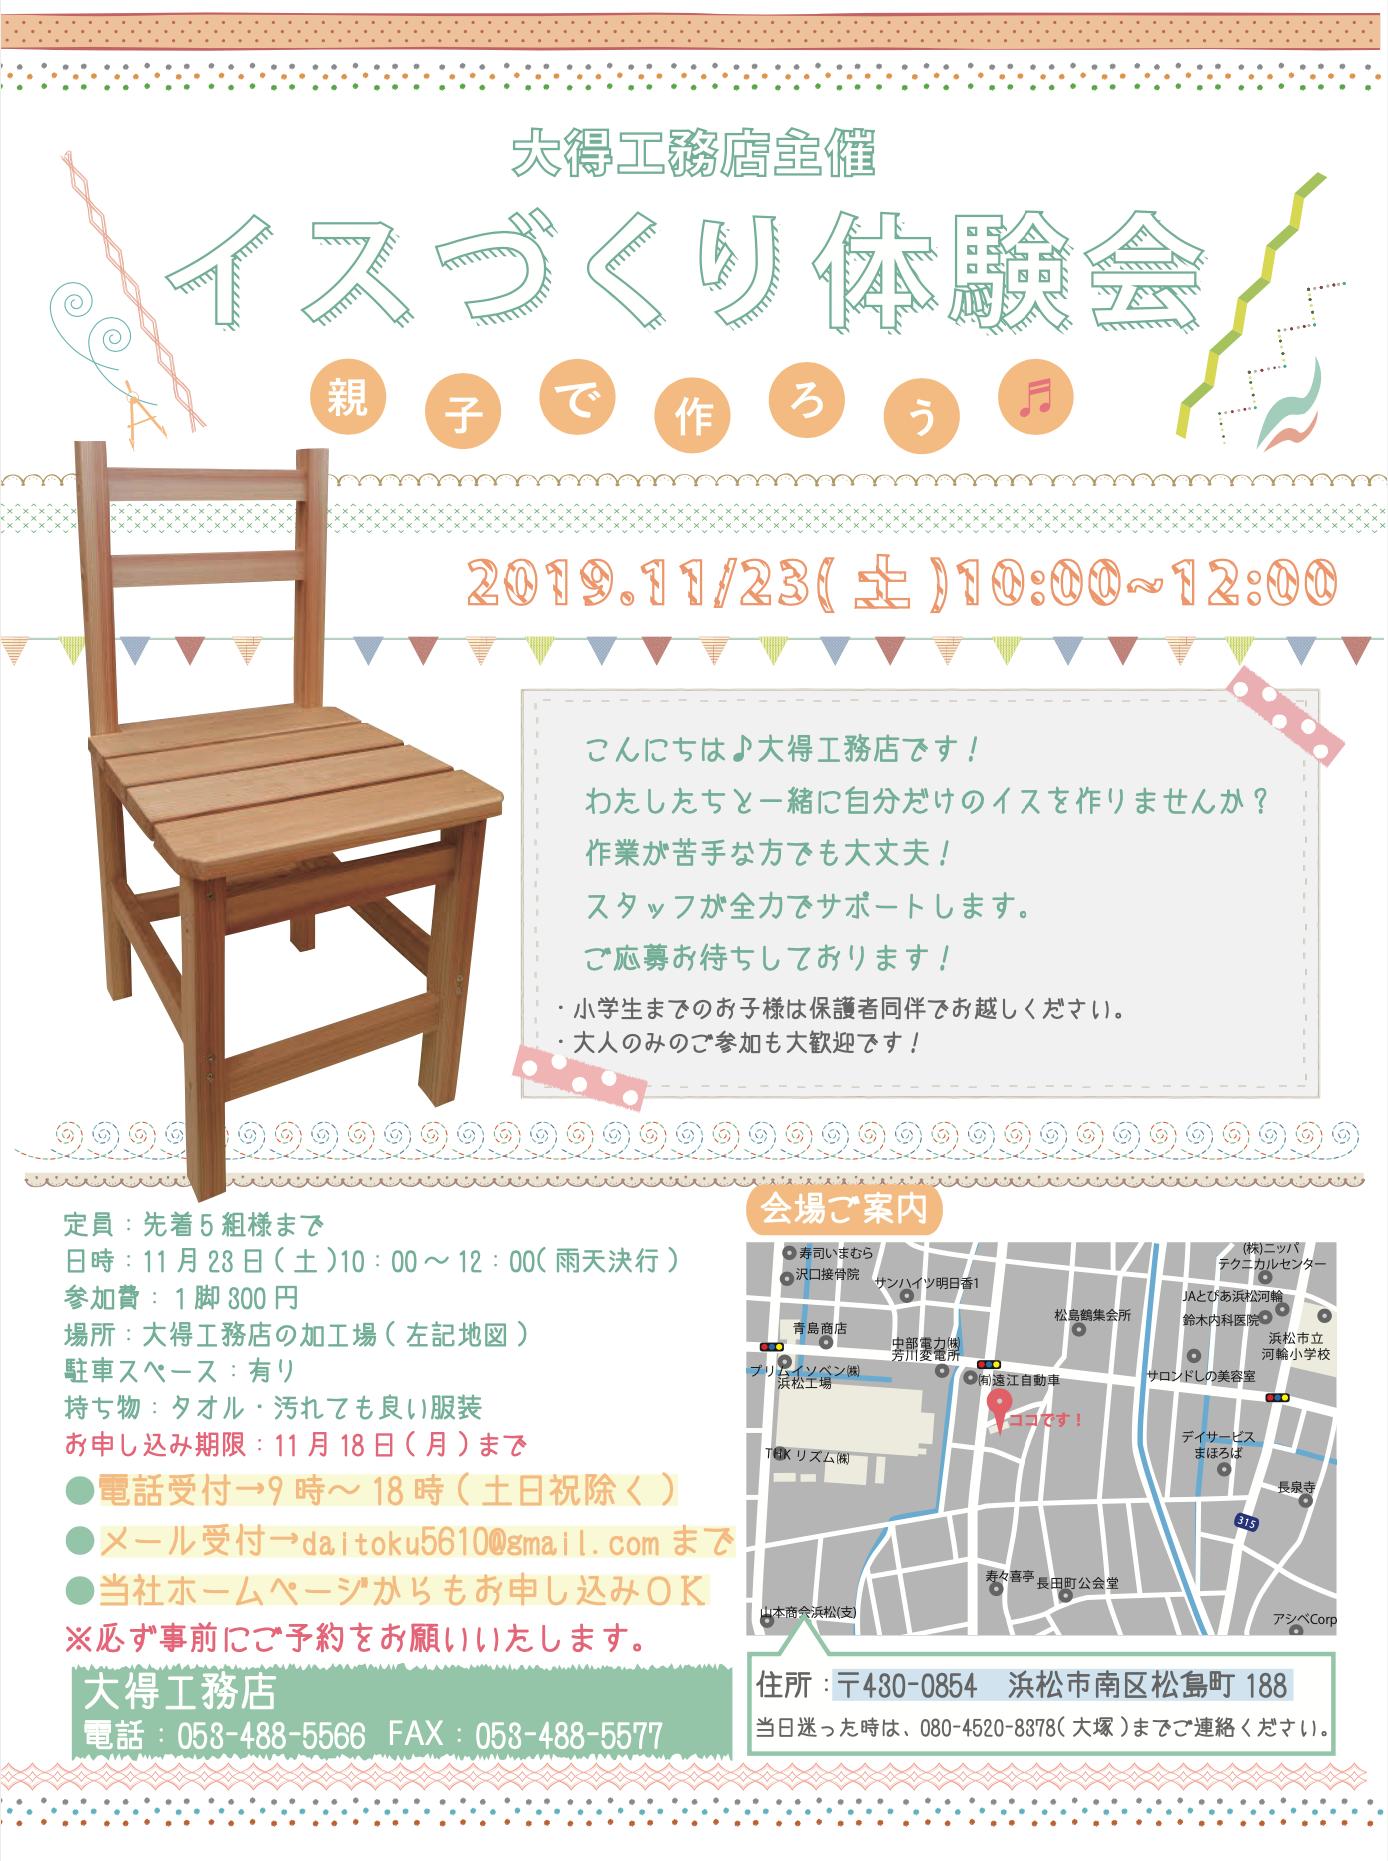 椅子作りイベント